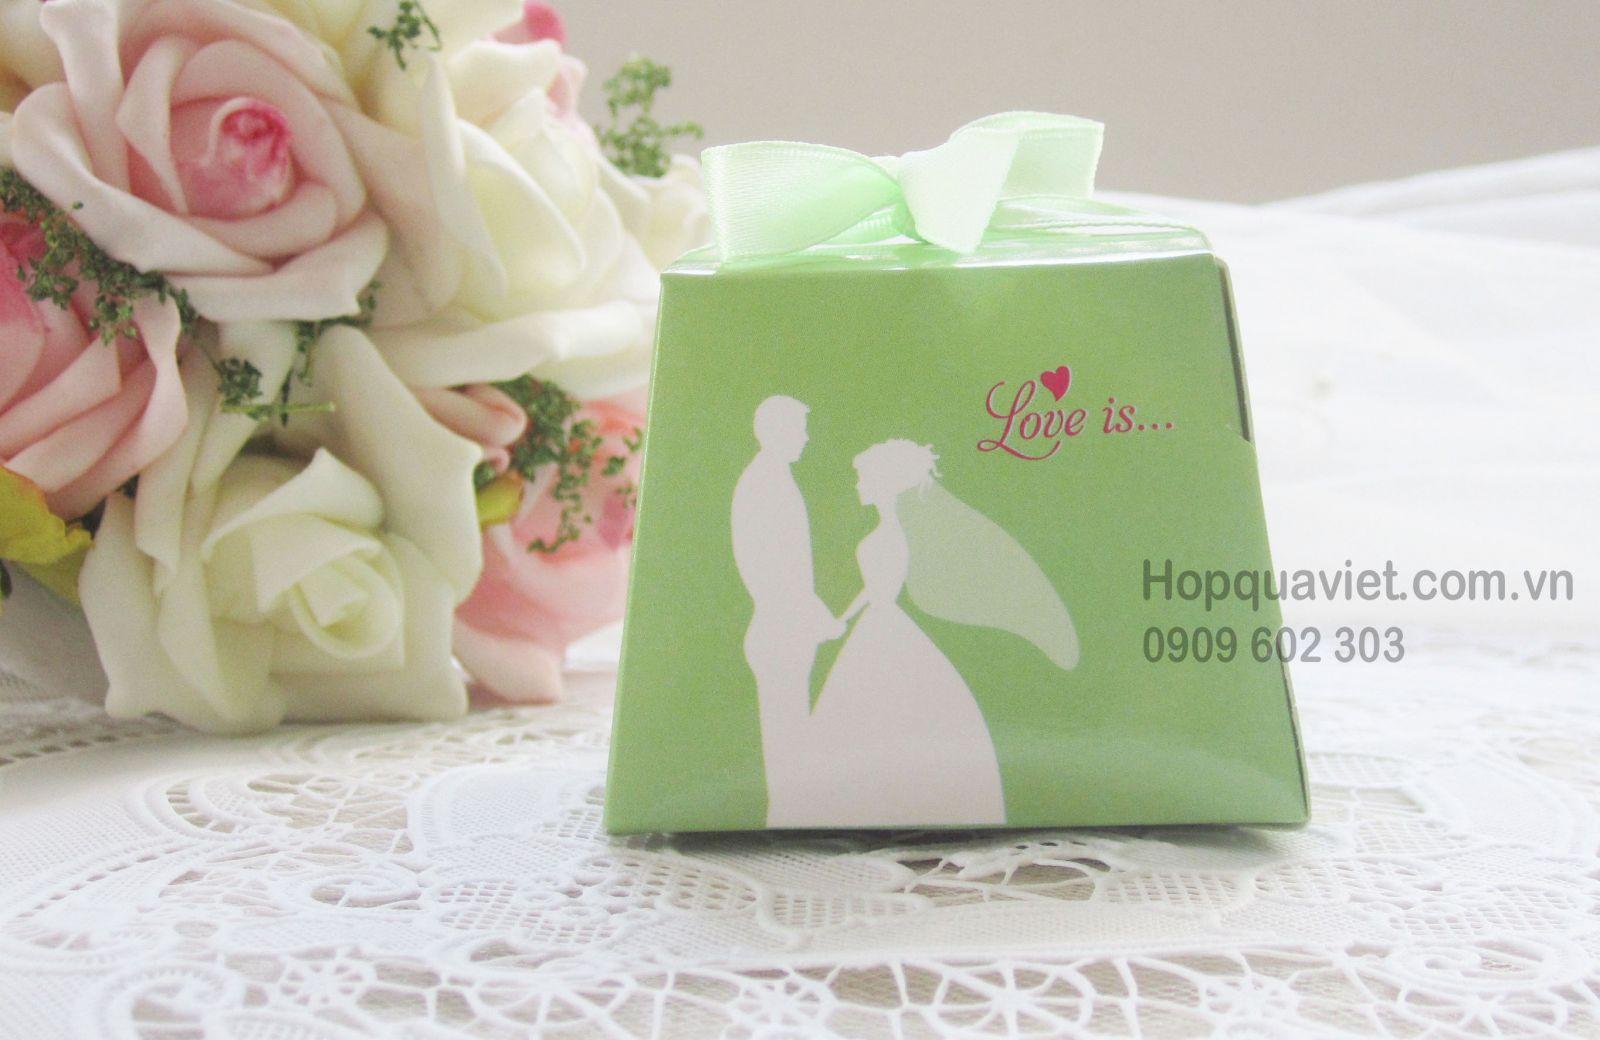 Hộp quà cưới xanh ngoc 10X